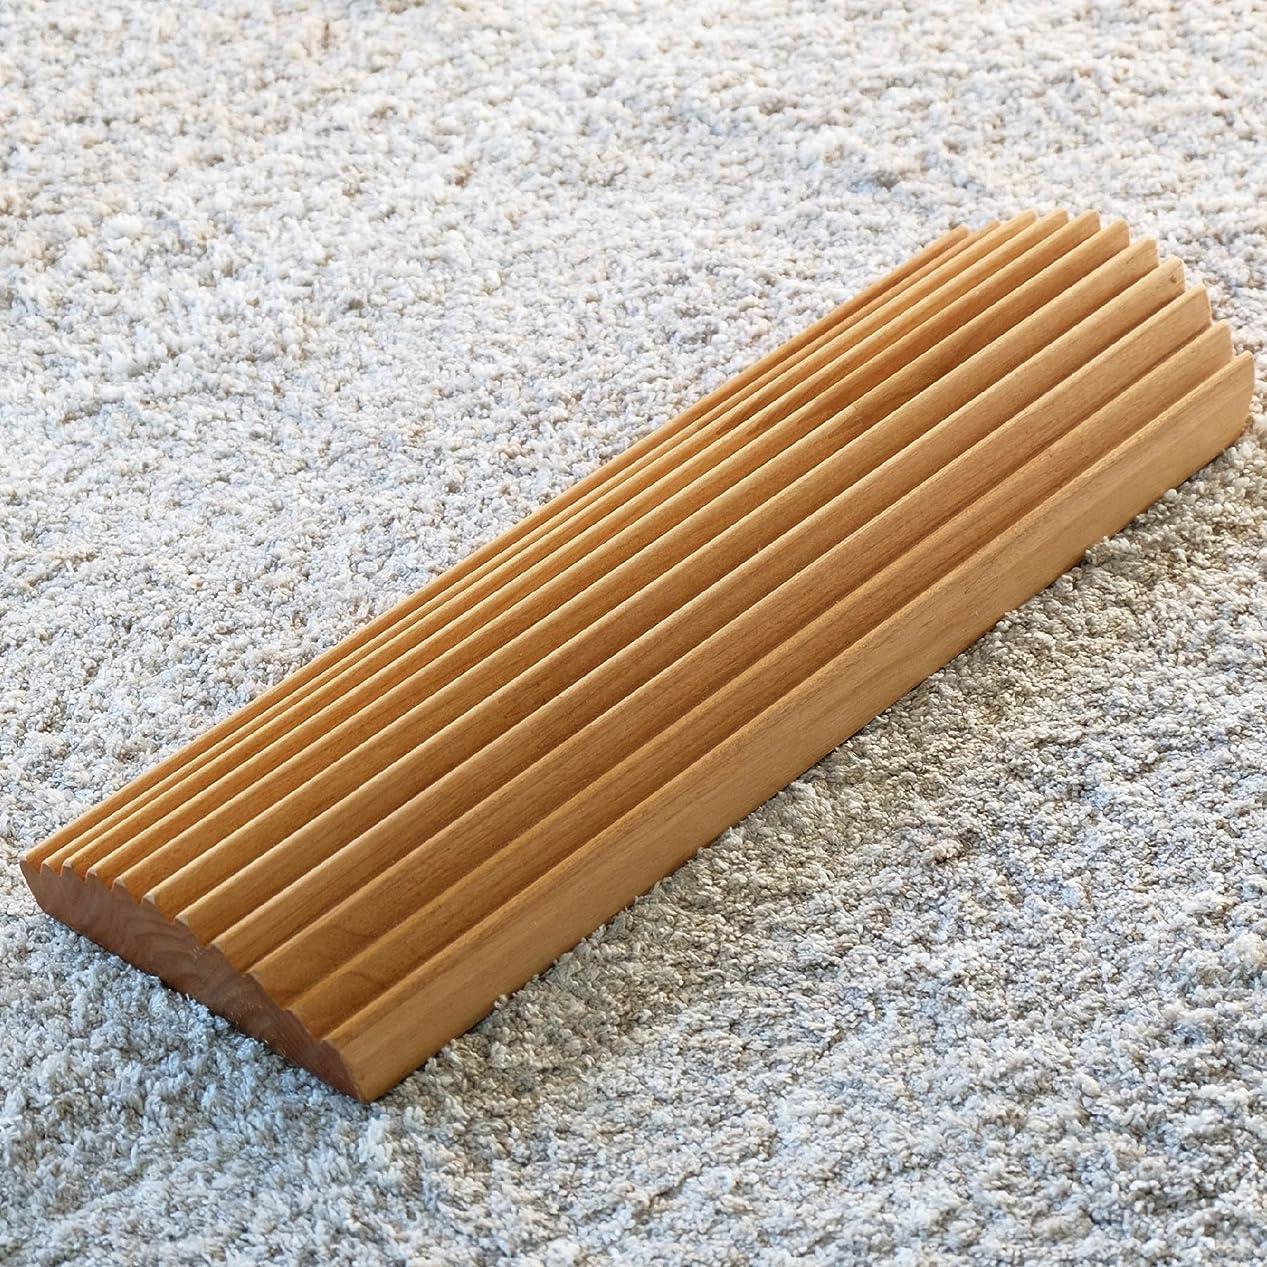 出会いアクティブ性的ISSEIKI 足踏み アルダー材 幅40cm FIT ASIFUMI 40 (NA) フットケア 木製 おしゃれ プレゼント 指圧代用 FIT ASIFUMI 40 (AL-NA)